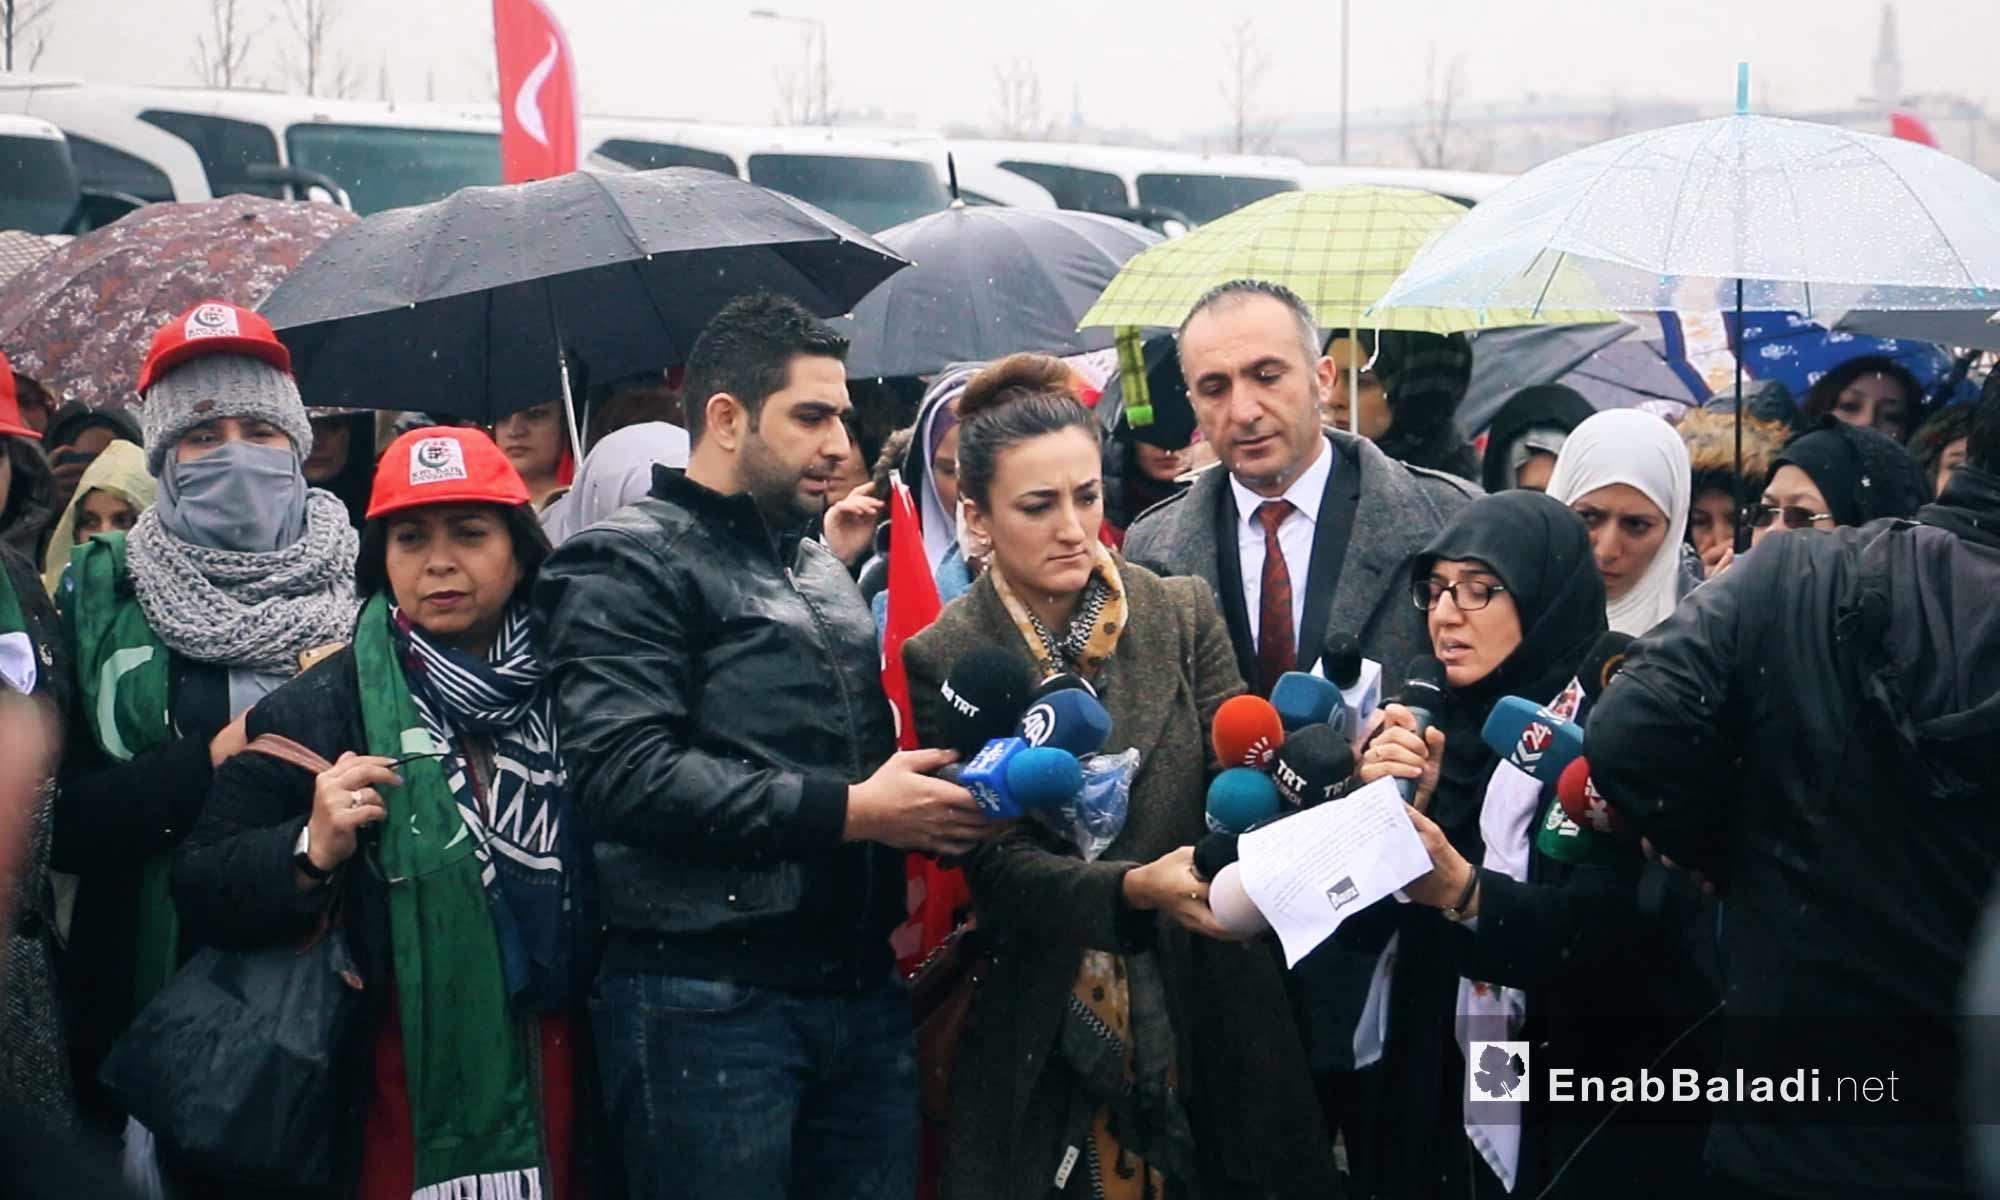 """مؤتمر صحفي قبل انطلاق قافلة """"َالضمير"""" لدعم المعتقلات السوريات من اسطنبول - 6 آذار 2018 (عنب بلدي)"""